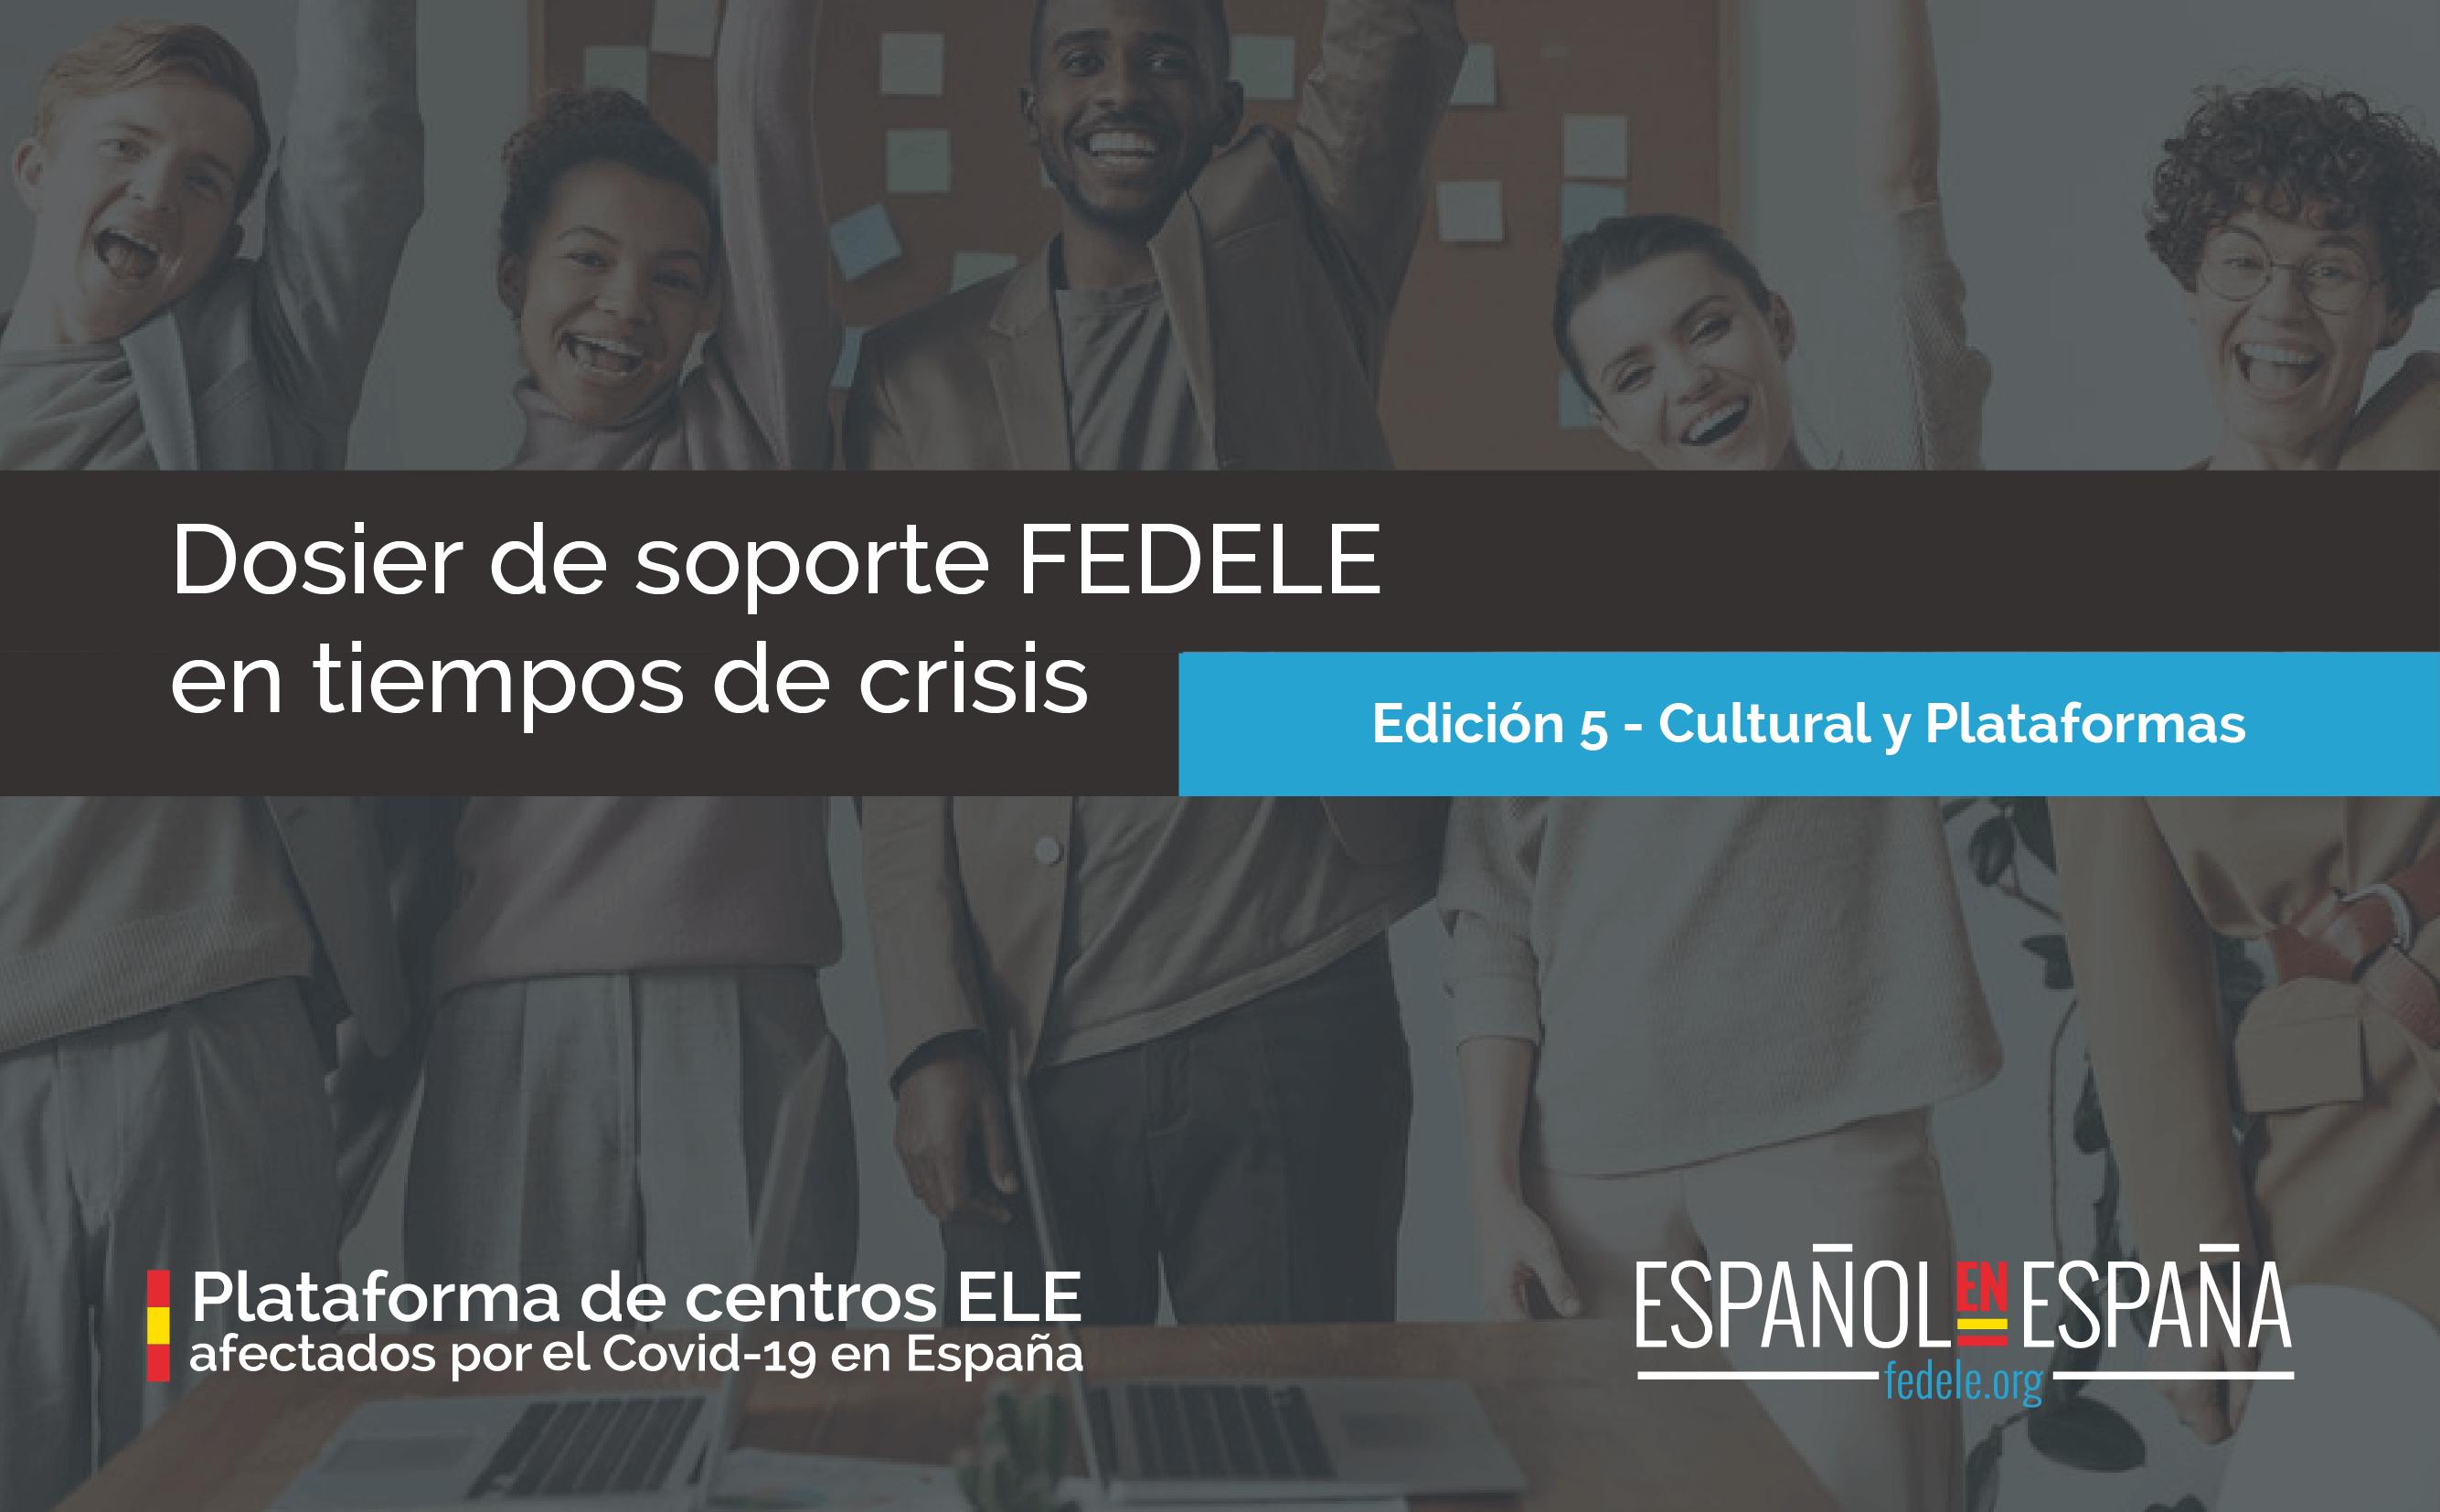 Dosier de soporte FEDELE en tiempo de crisis – Quinta edición en abierto